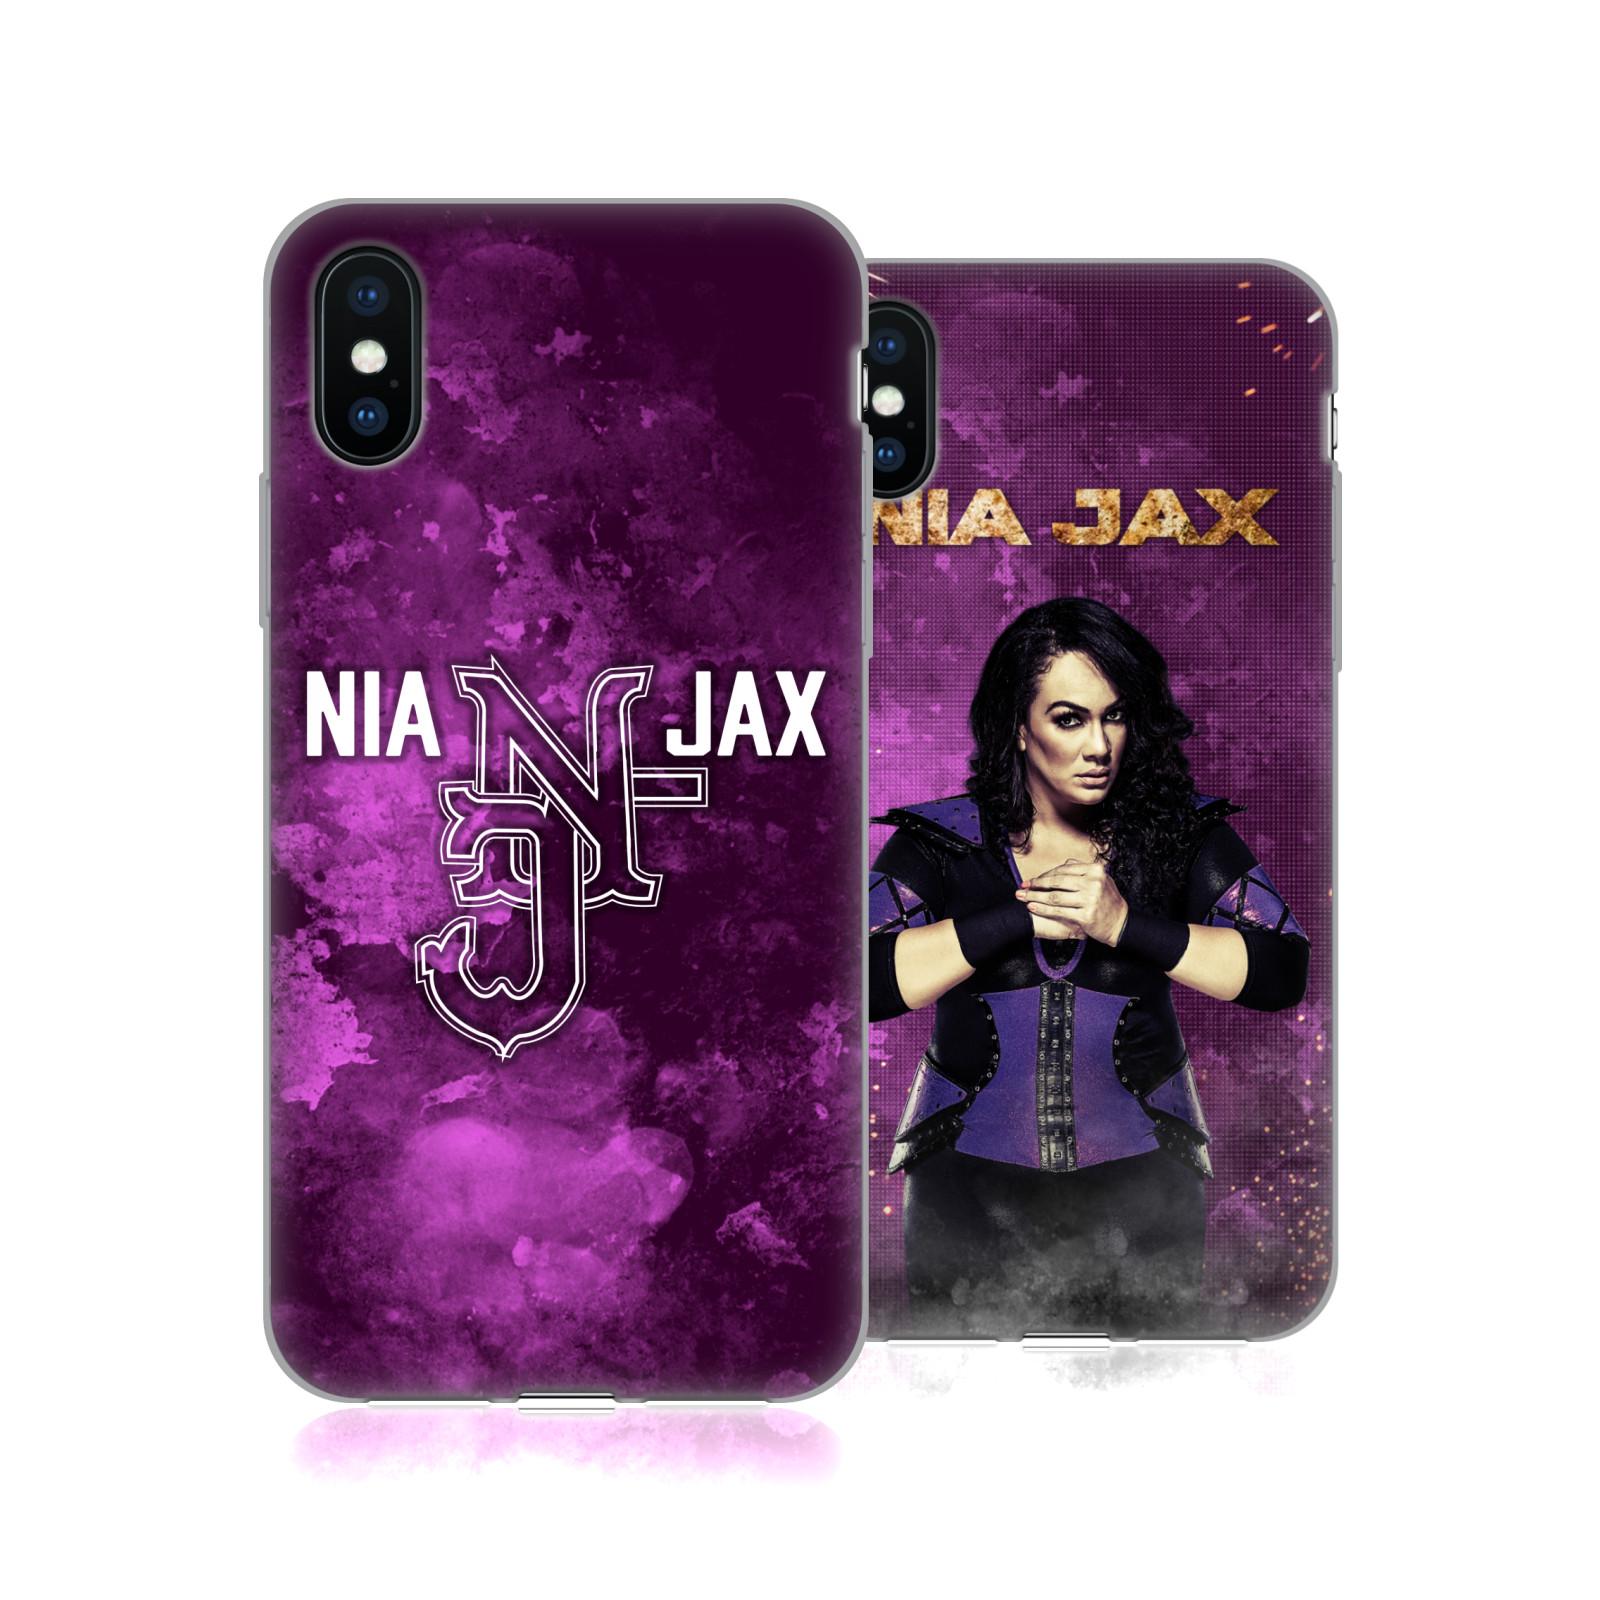 WWE <!--translate-lineup-->Nia Jax<!--translate-lineup-->